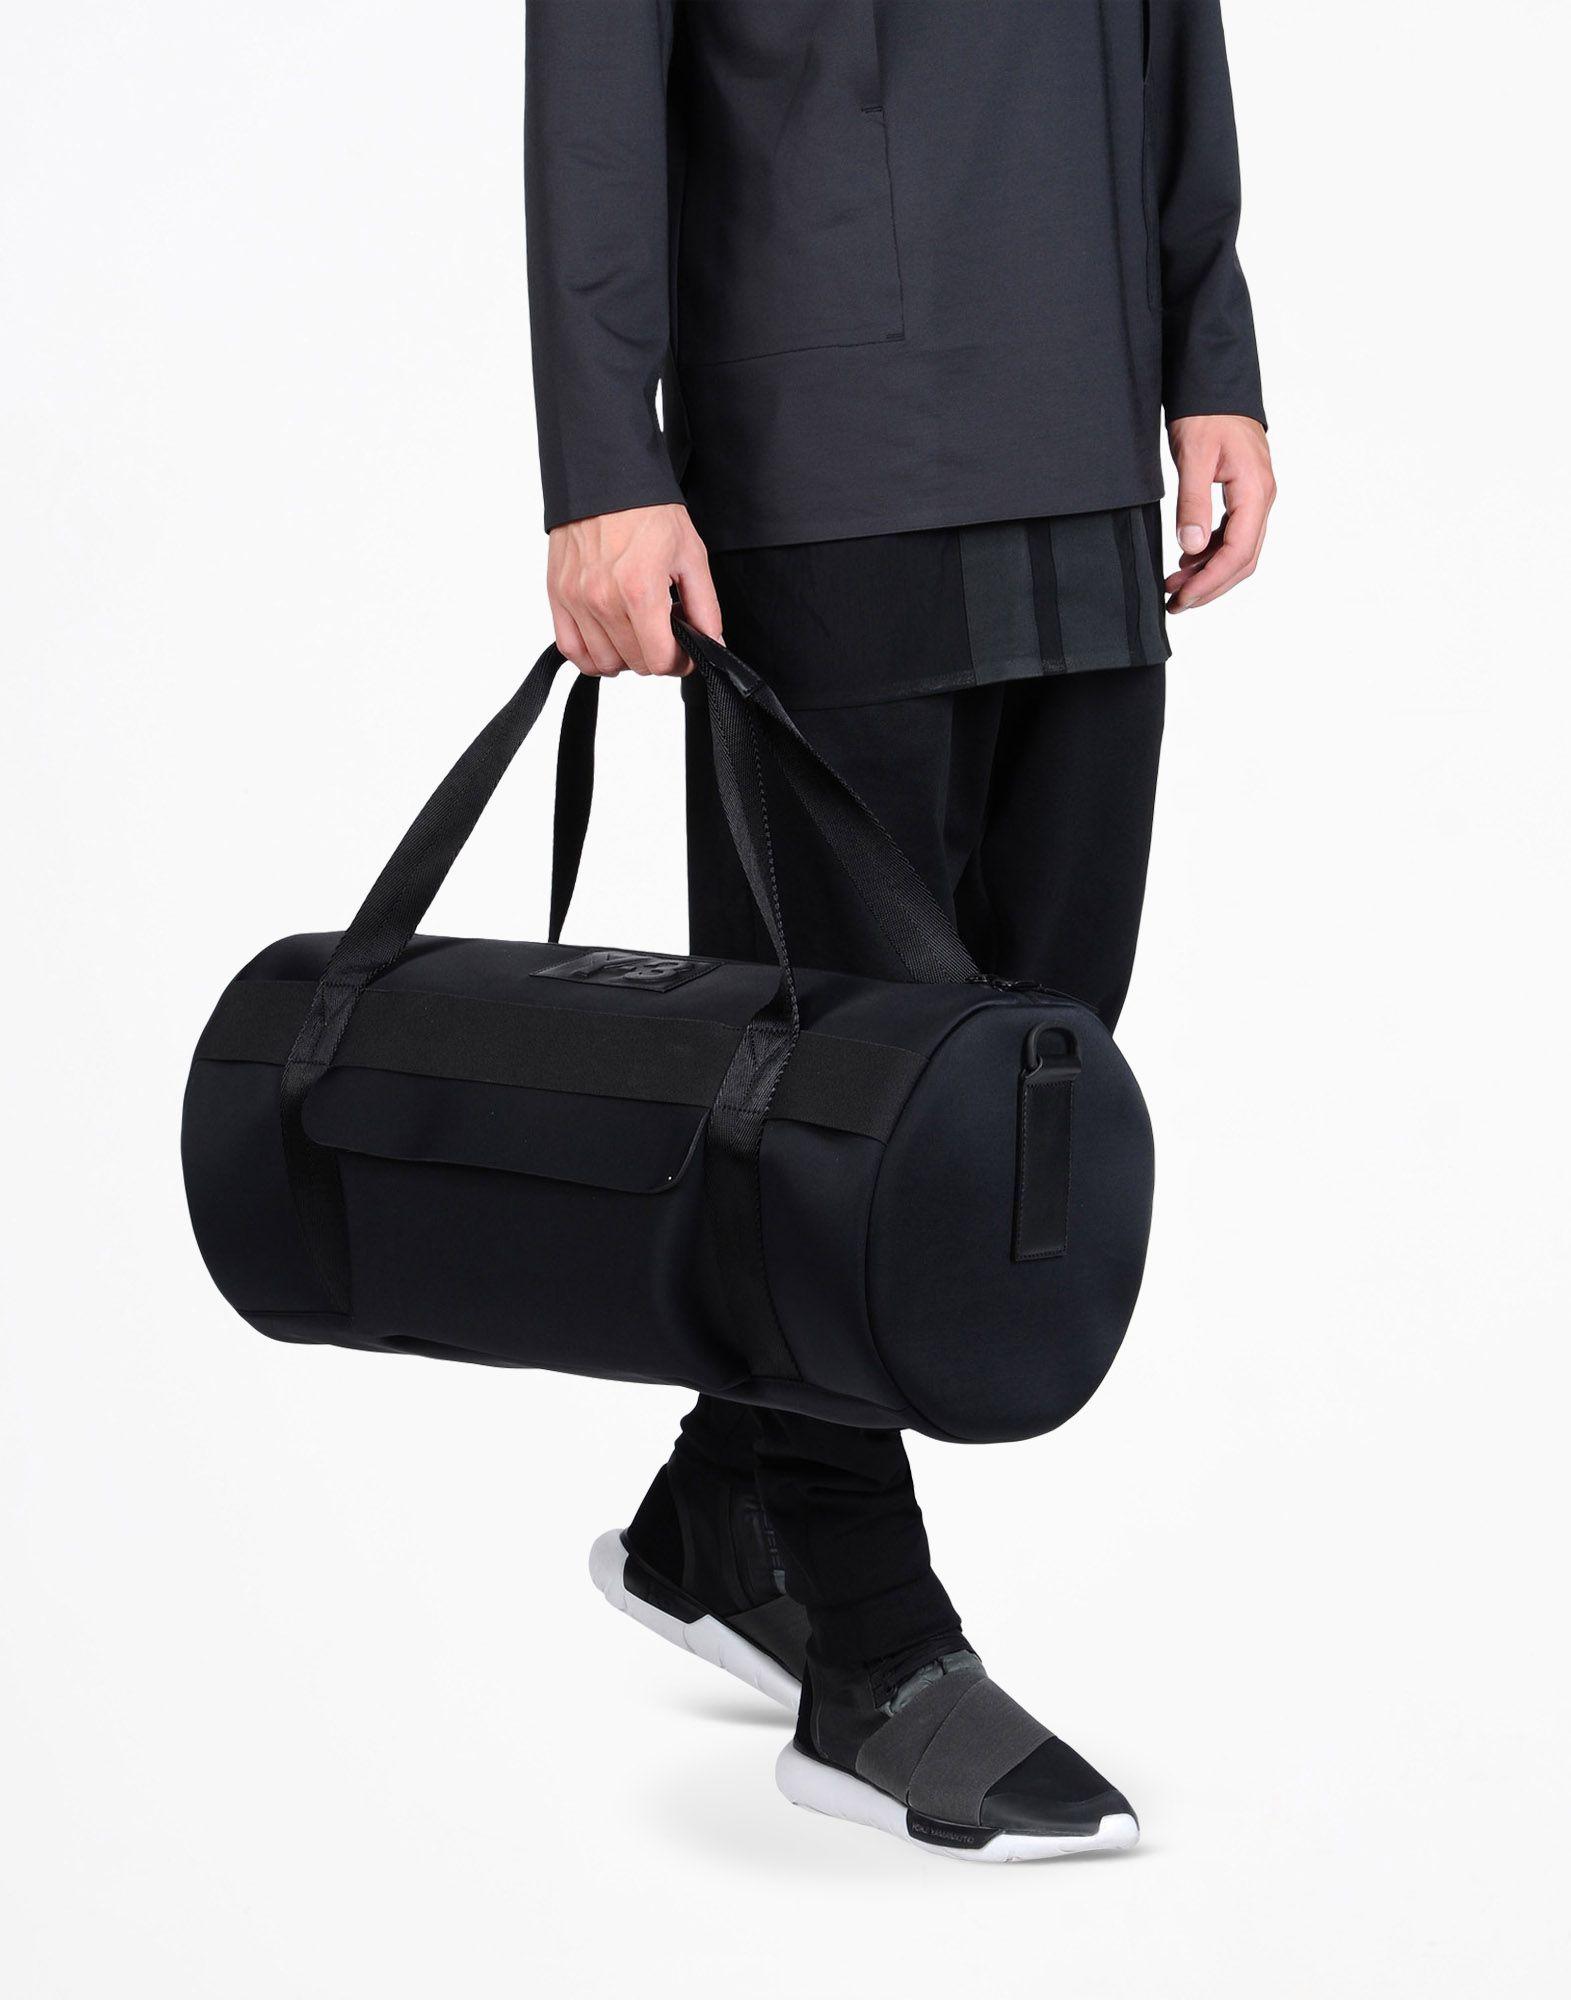 Y-3 QASA GYMBAG BAGS unisex Y-3 adidas